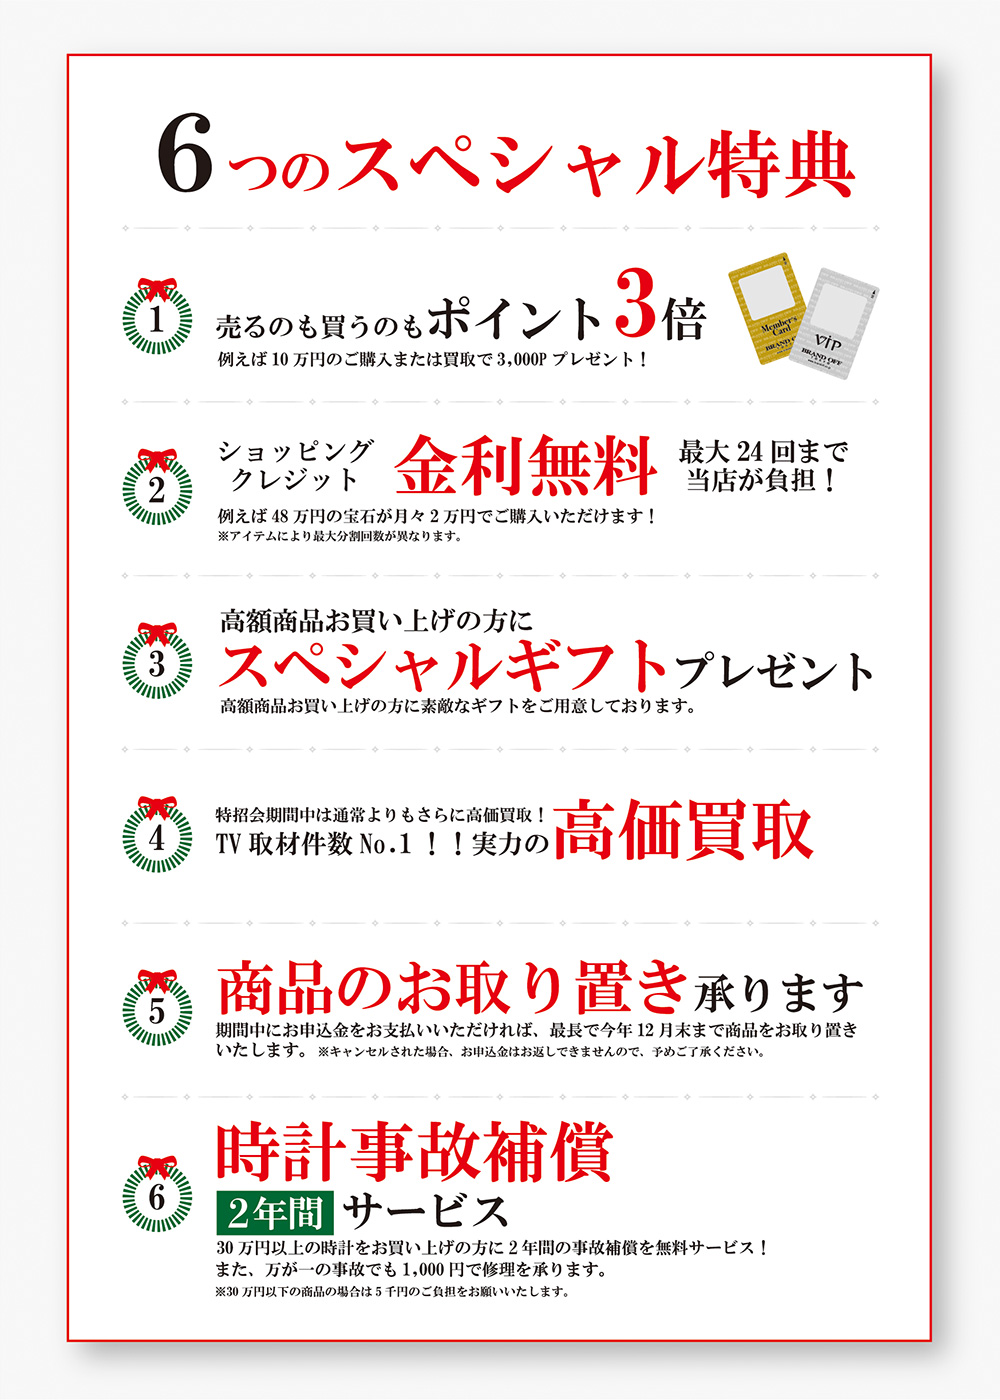 6つのスペシャル特典